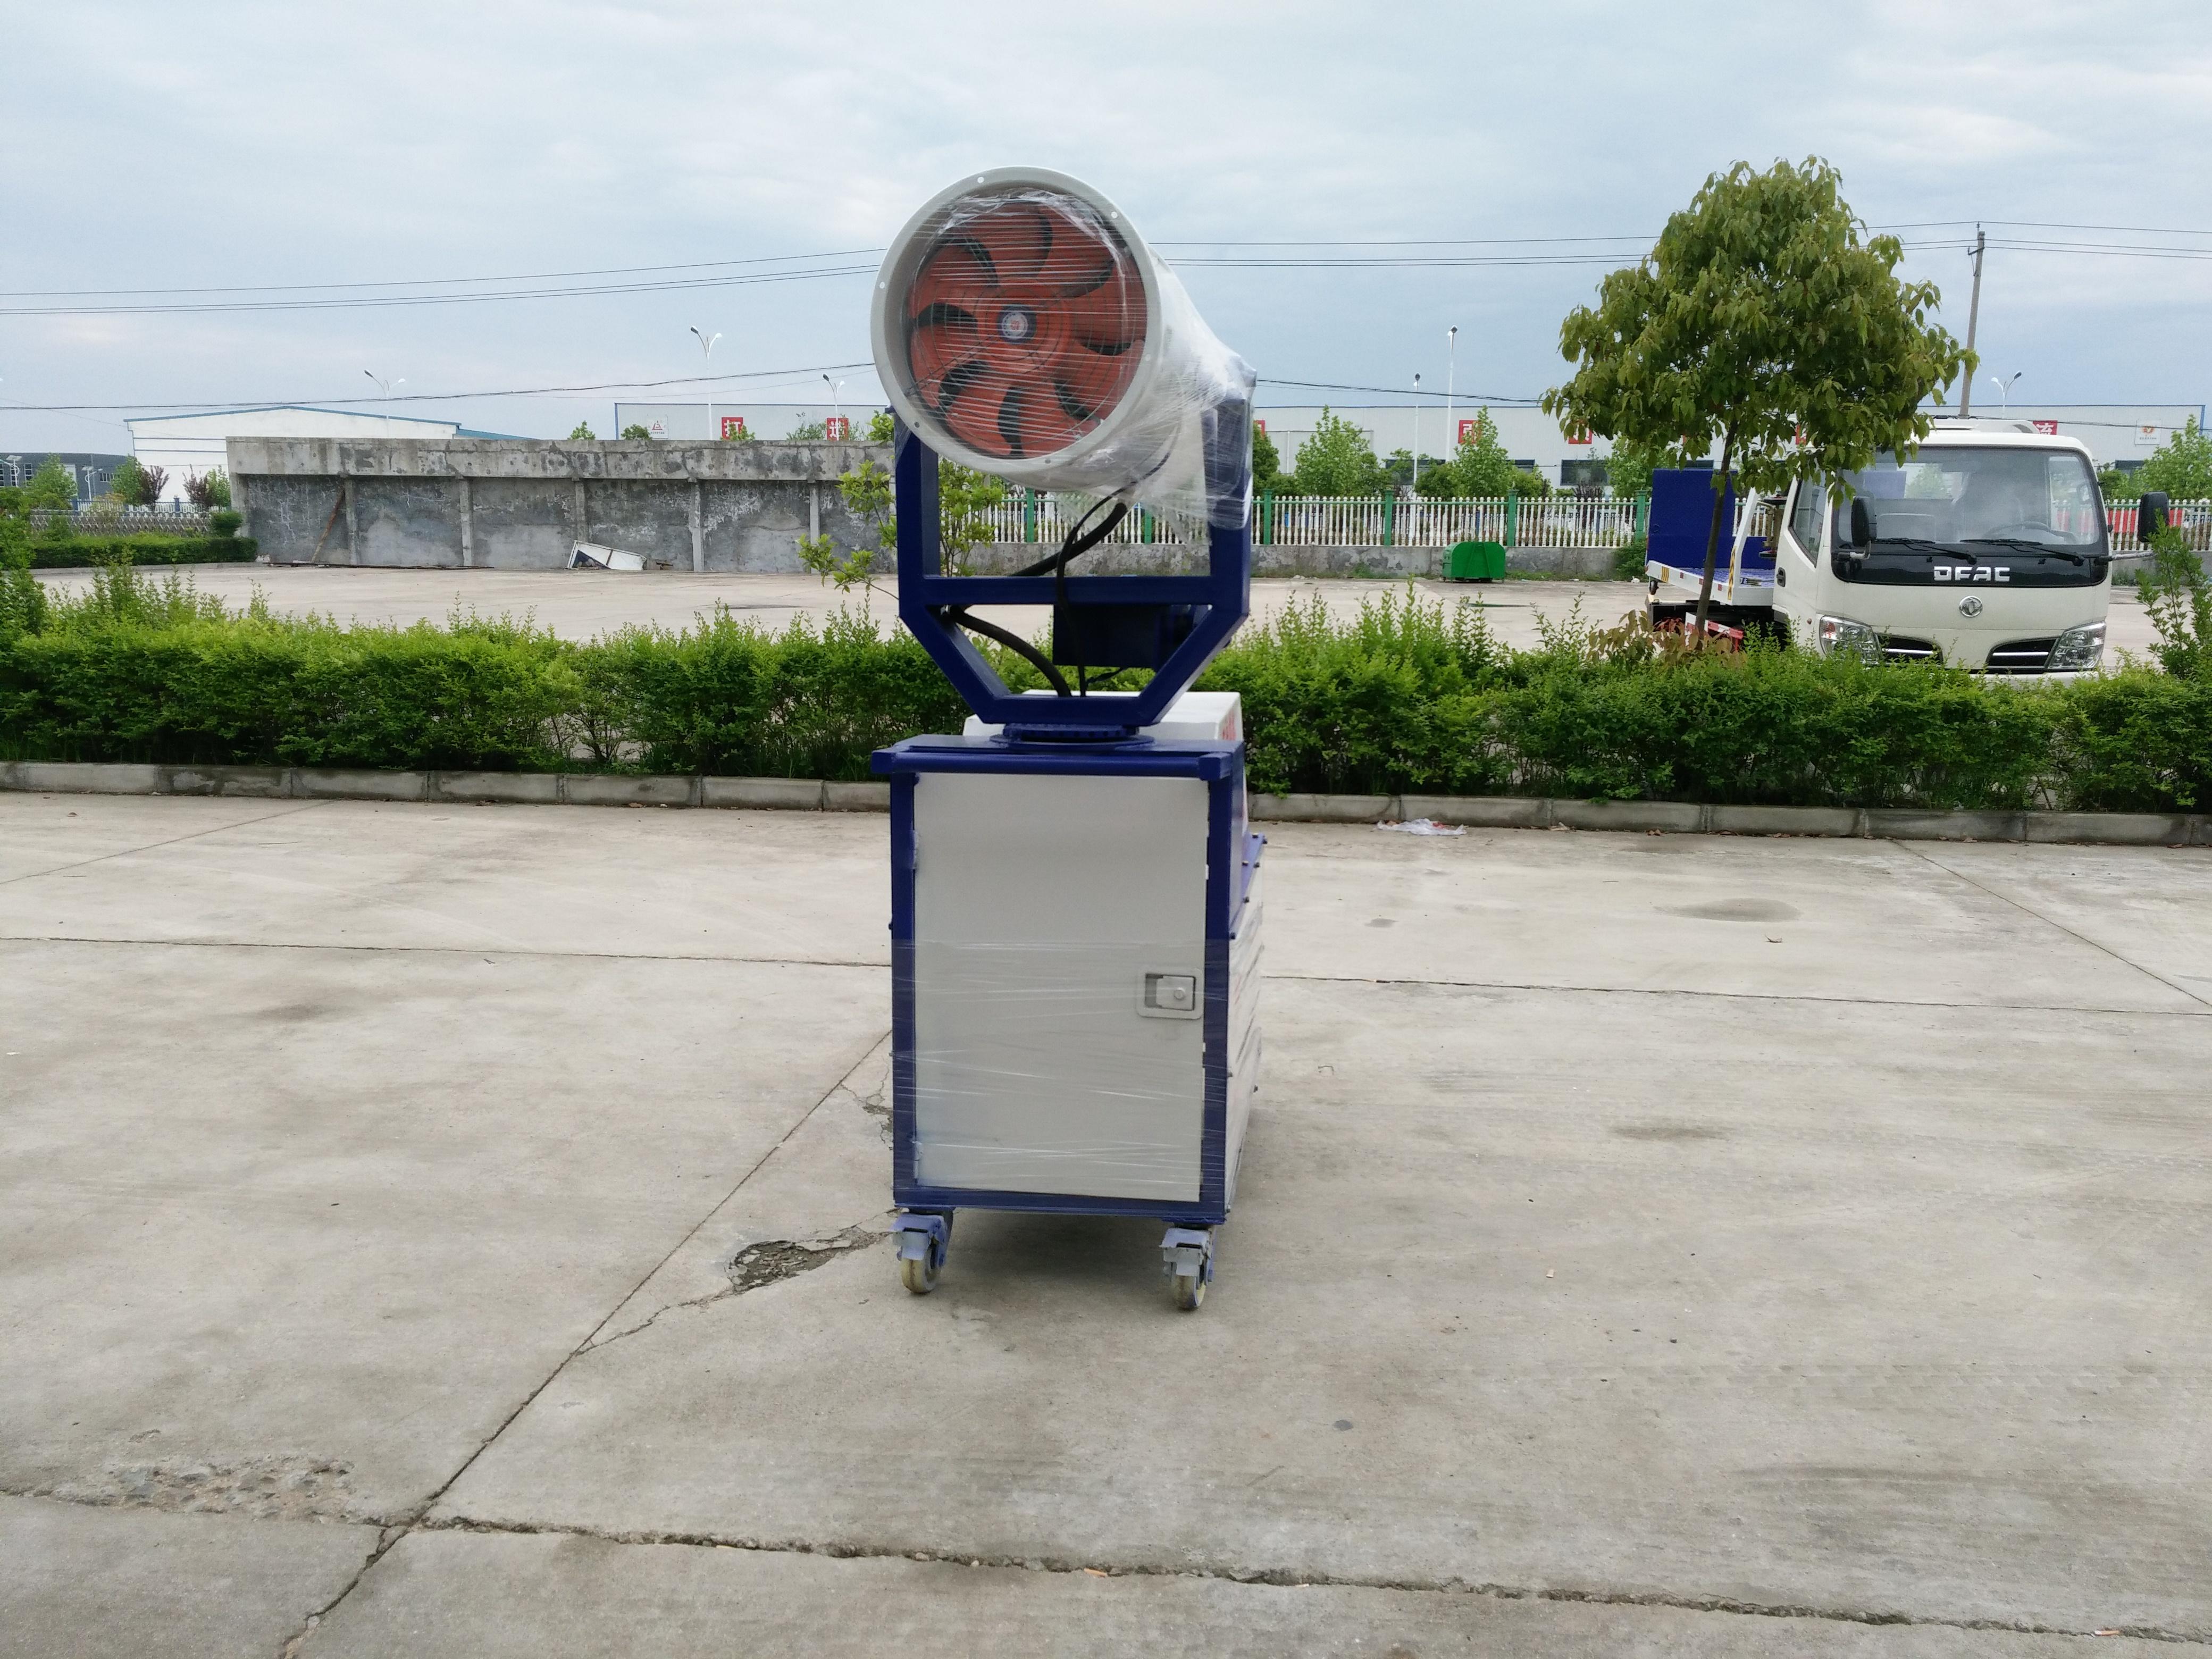 30米-35米喷雾机|水雾除尘|工矿雾泡机(LM-50)图片